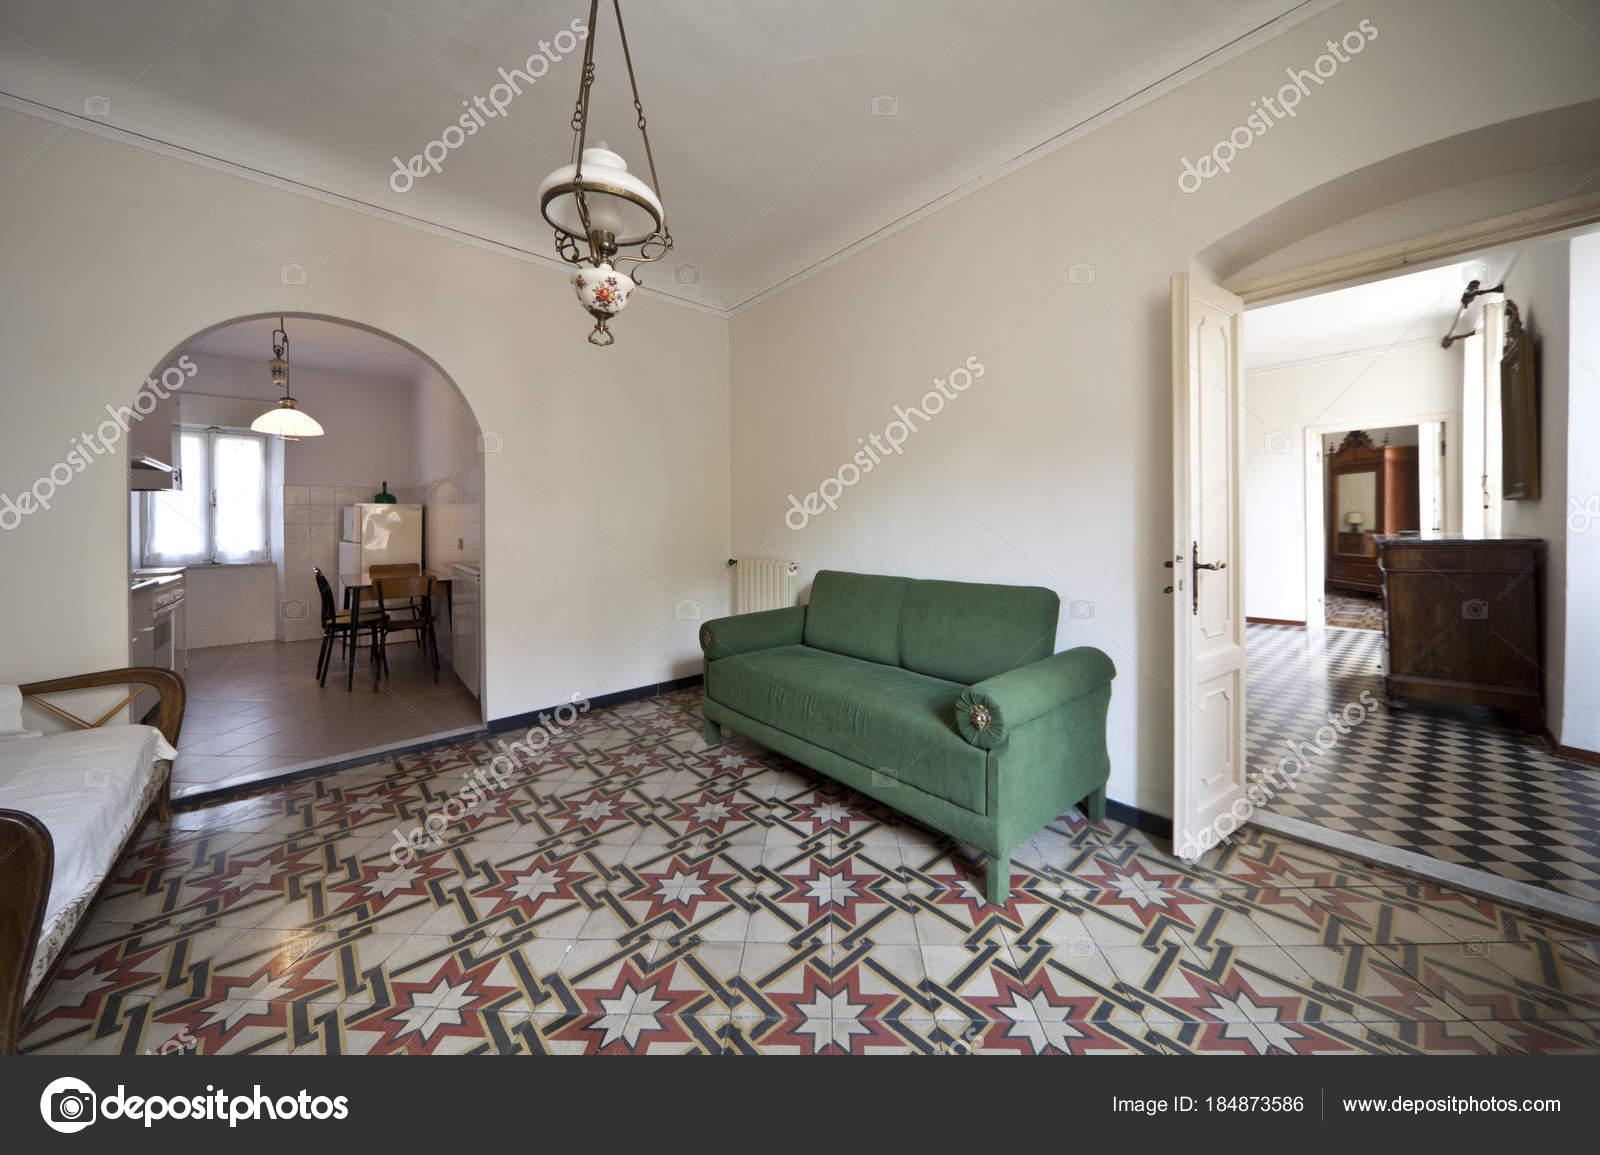 große Wohnzimmer Interieur — Stockfoto © Zveiger #184873586